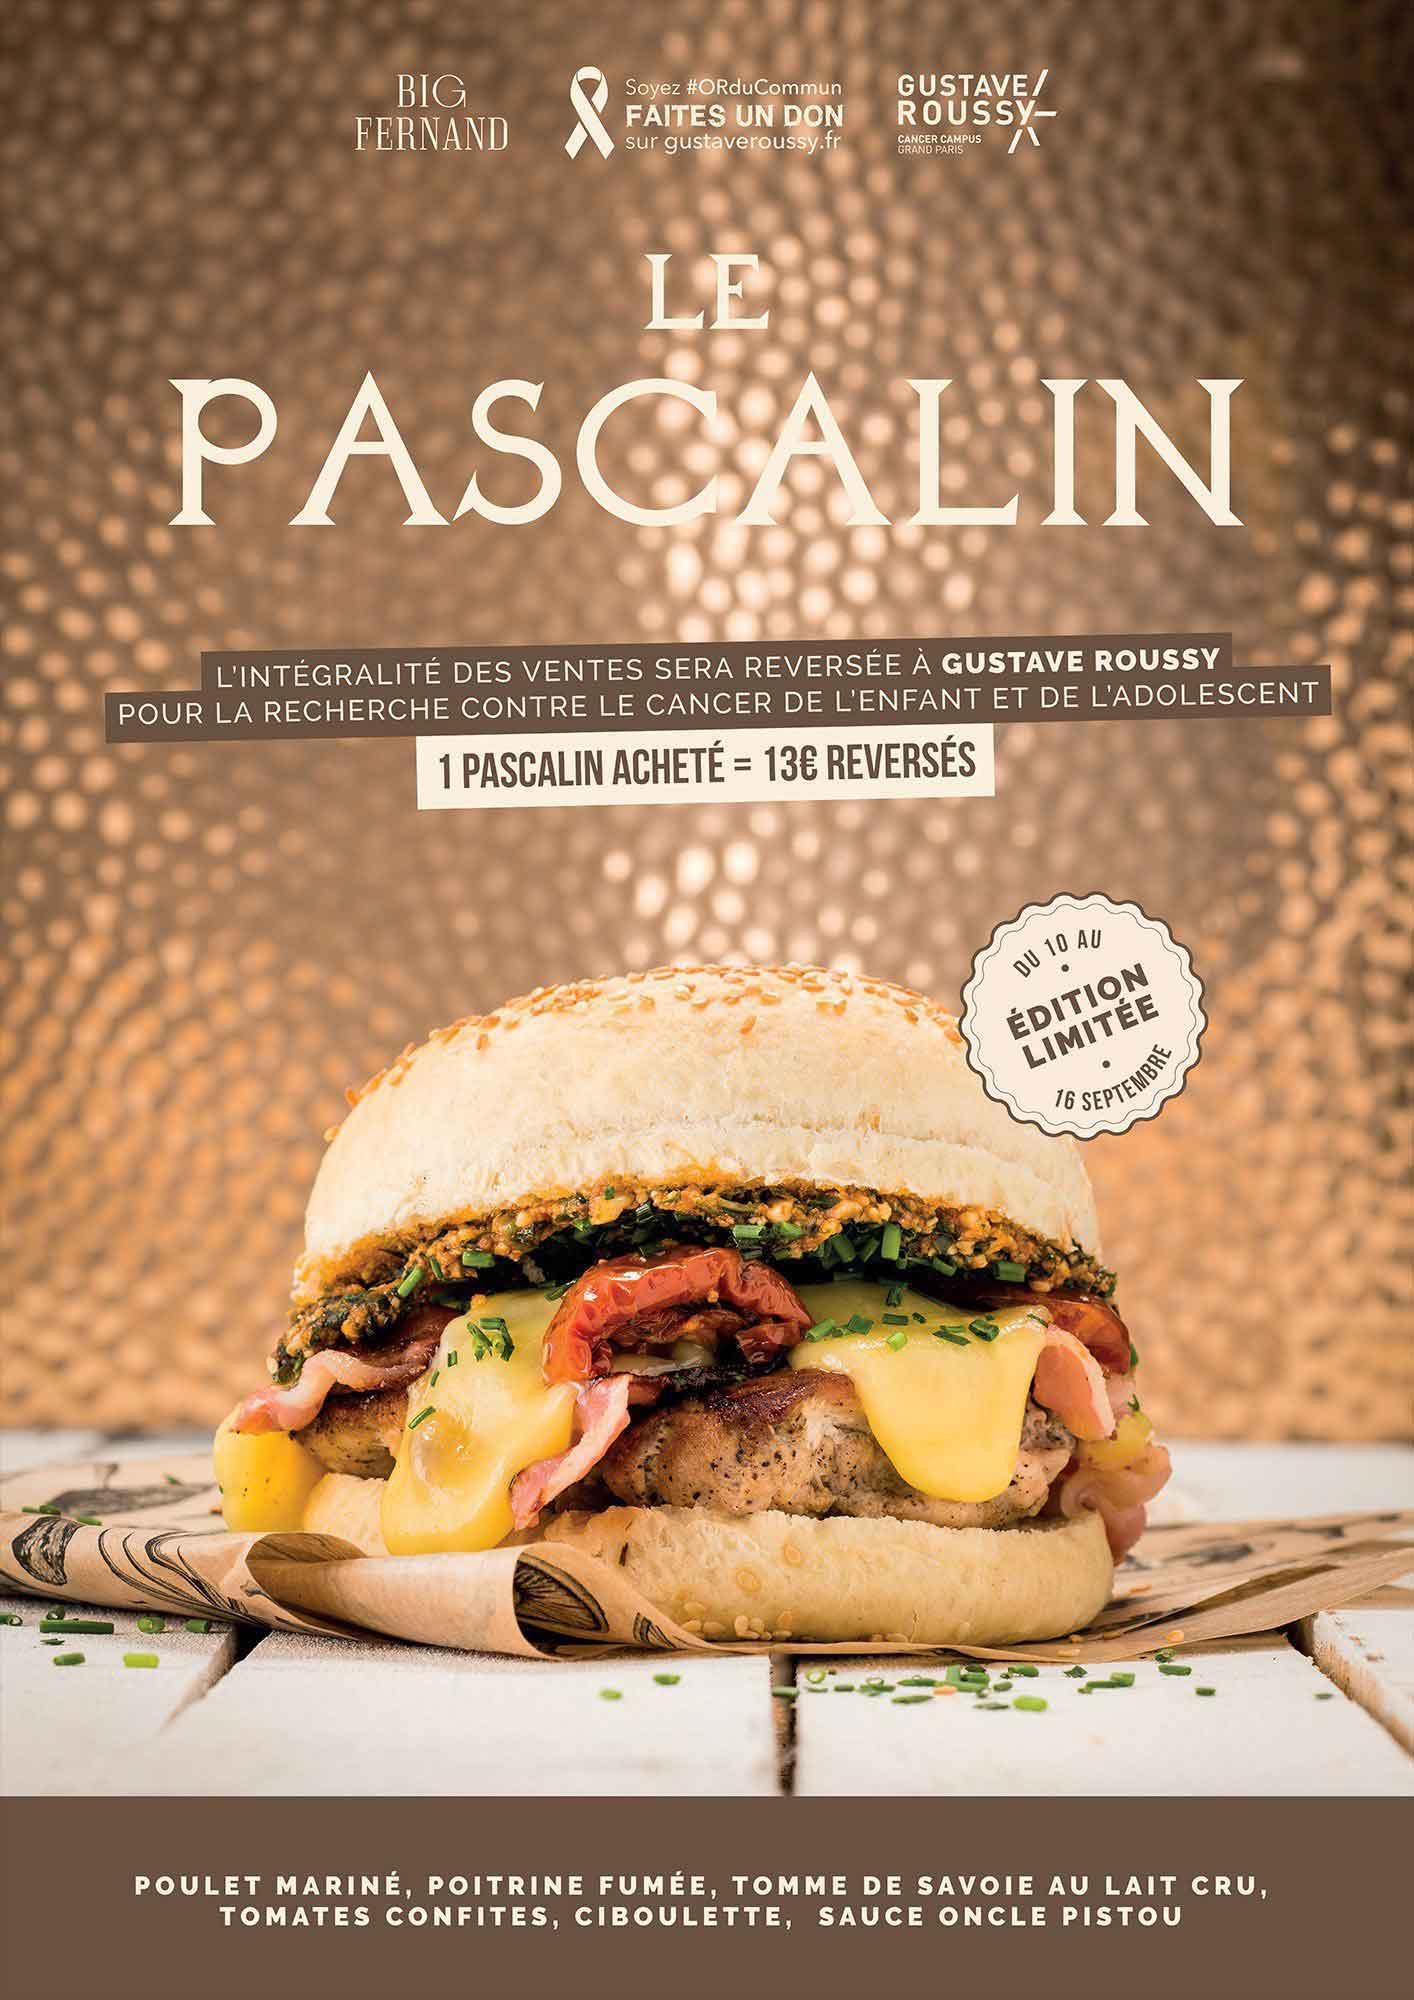 pascalin-big-fernand